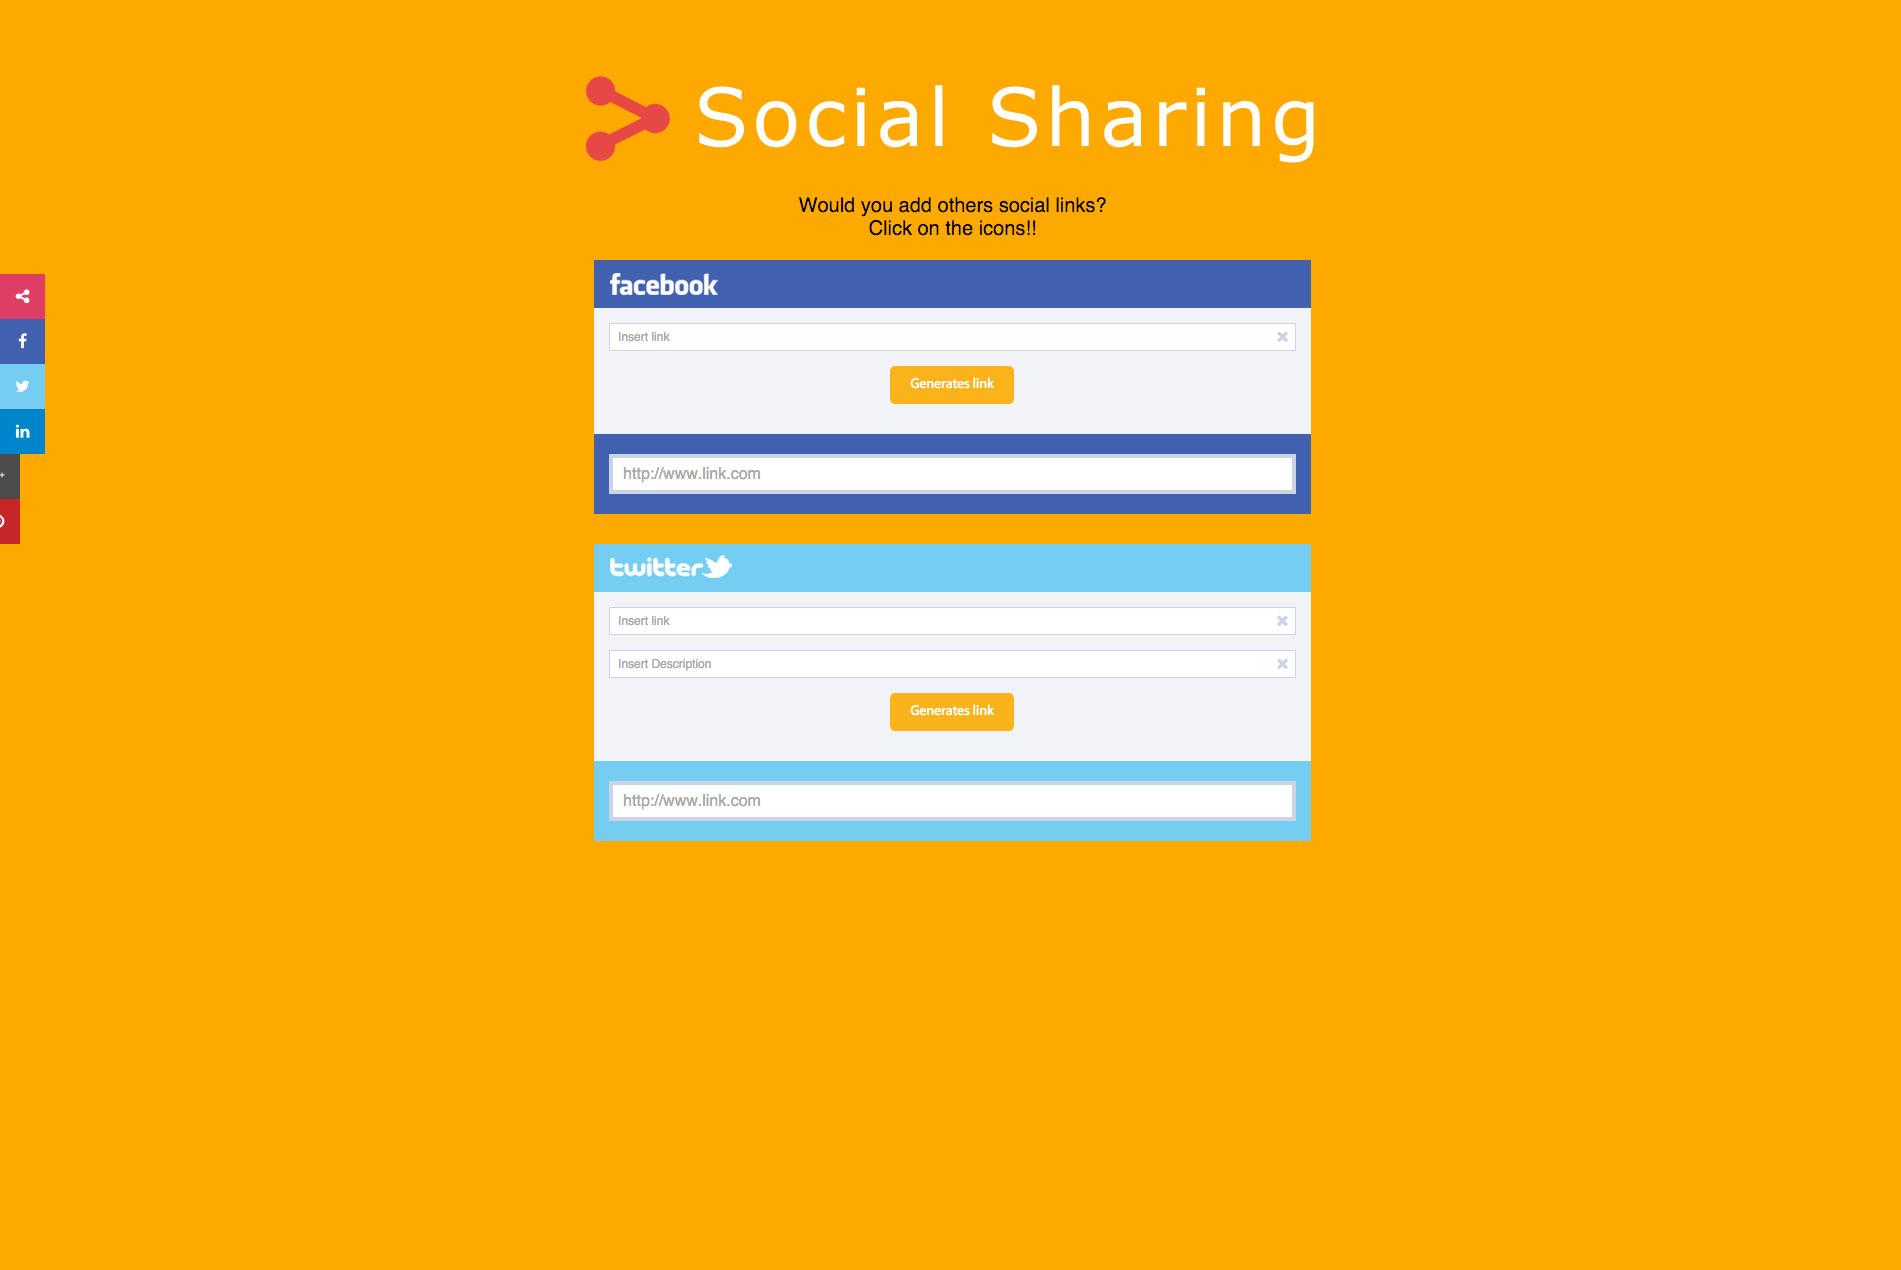 socialsharing